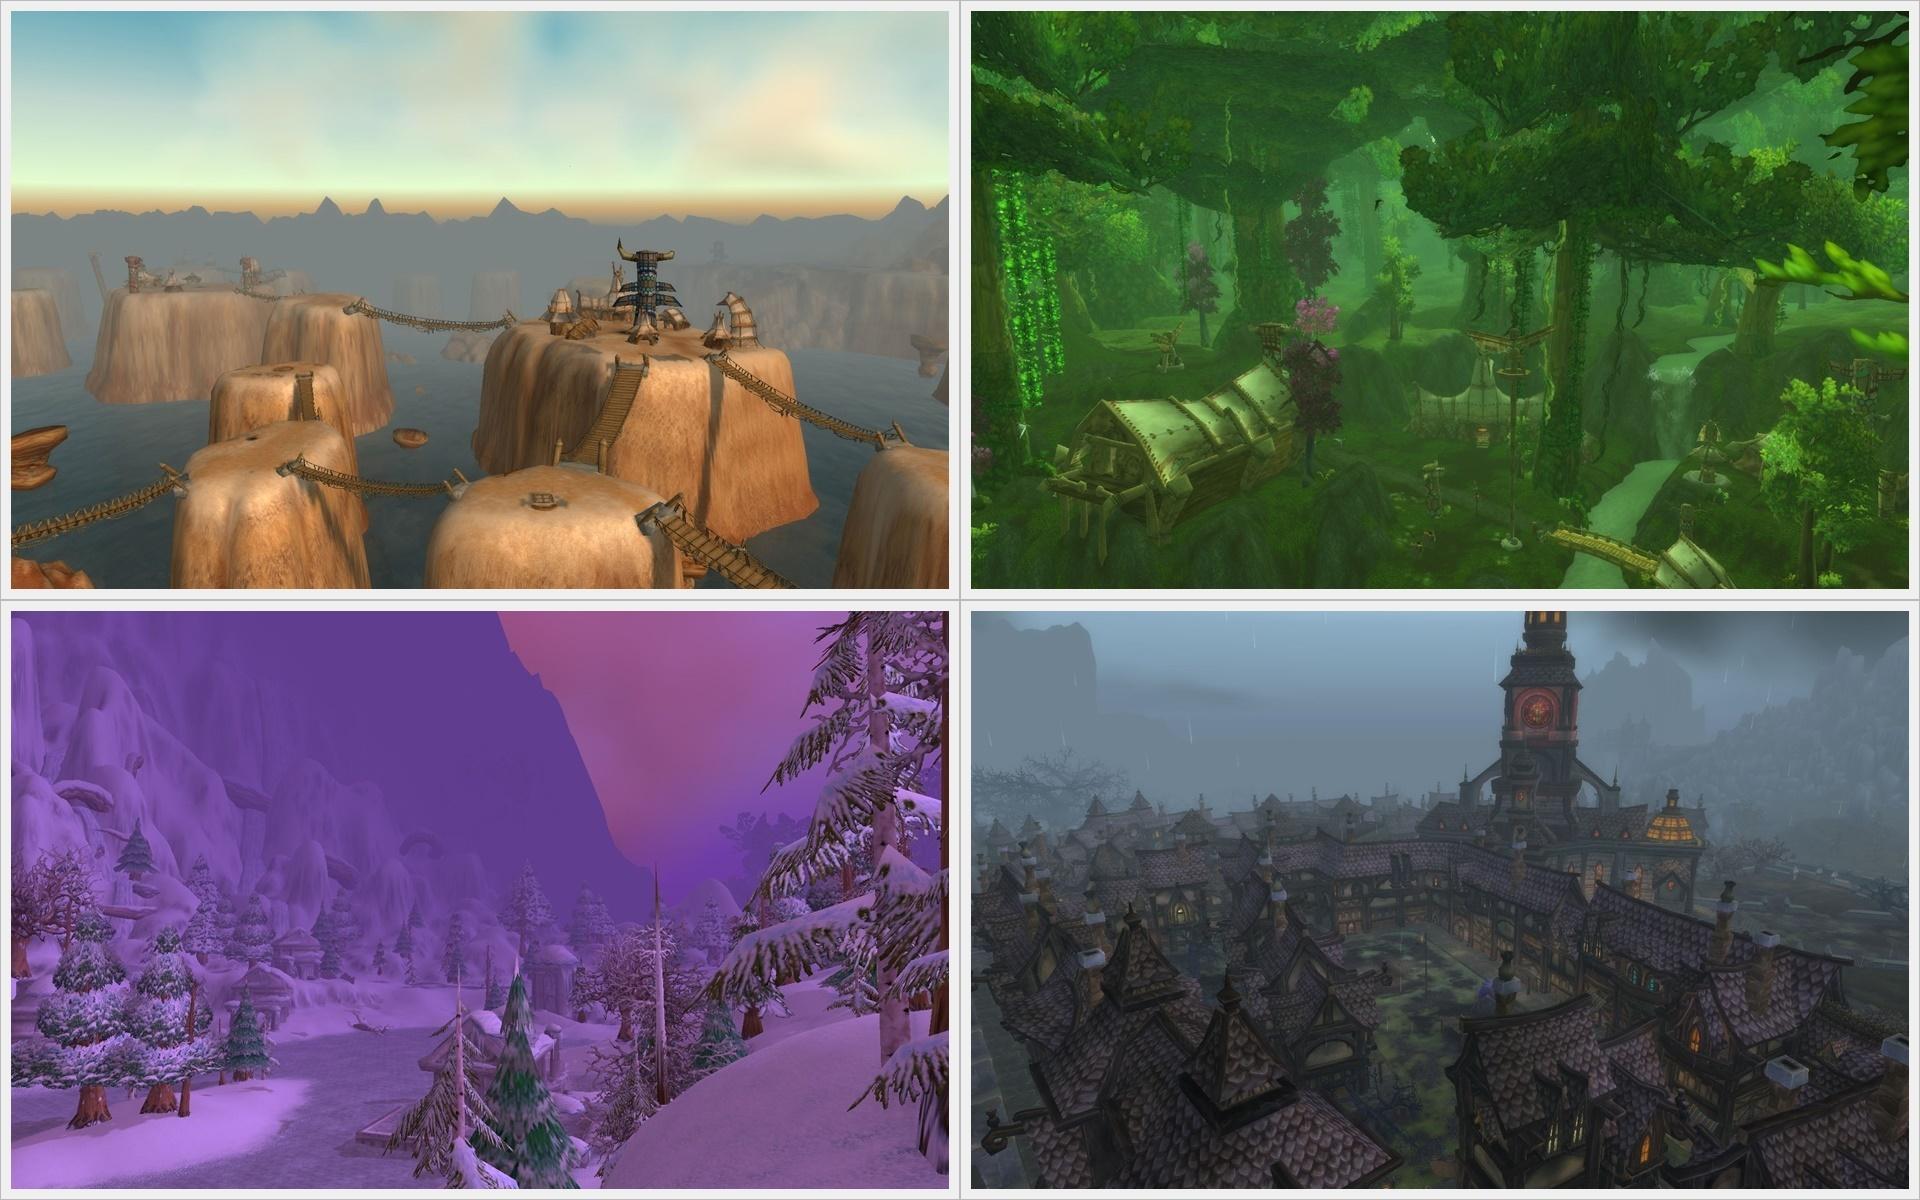 Einblicke in die Welt von World of Warcraft